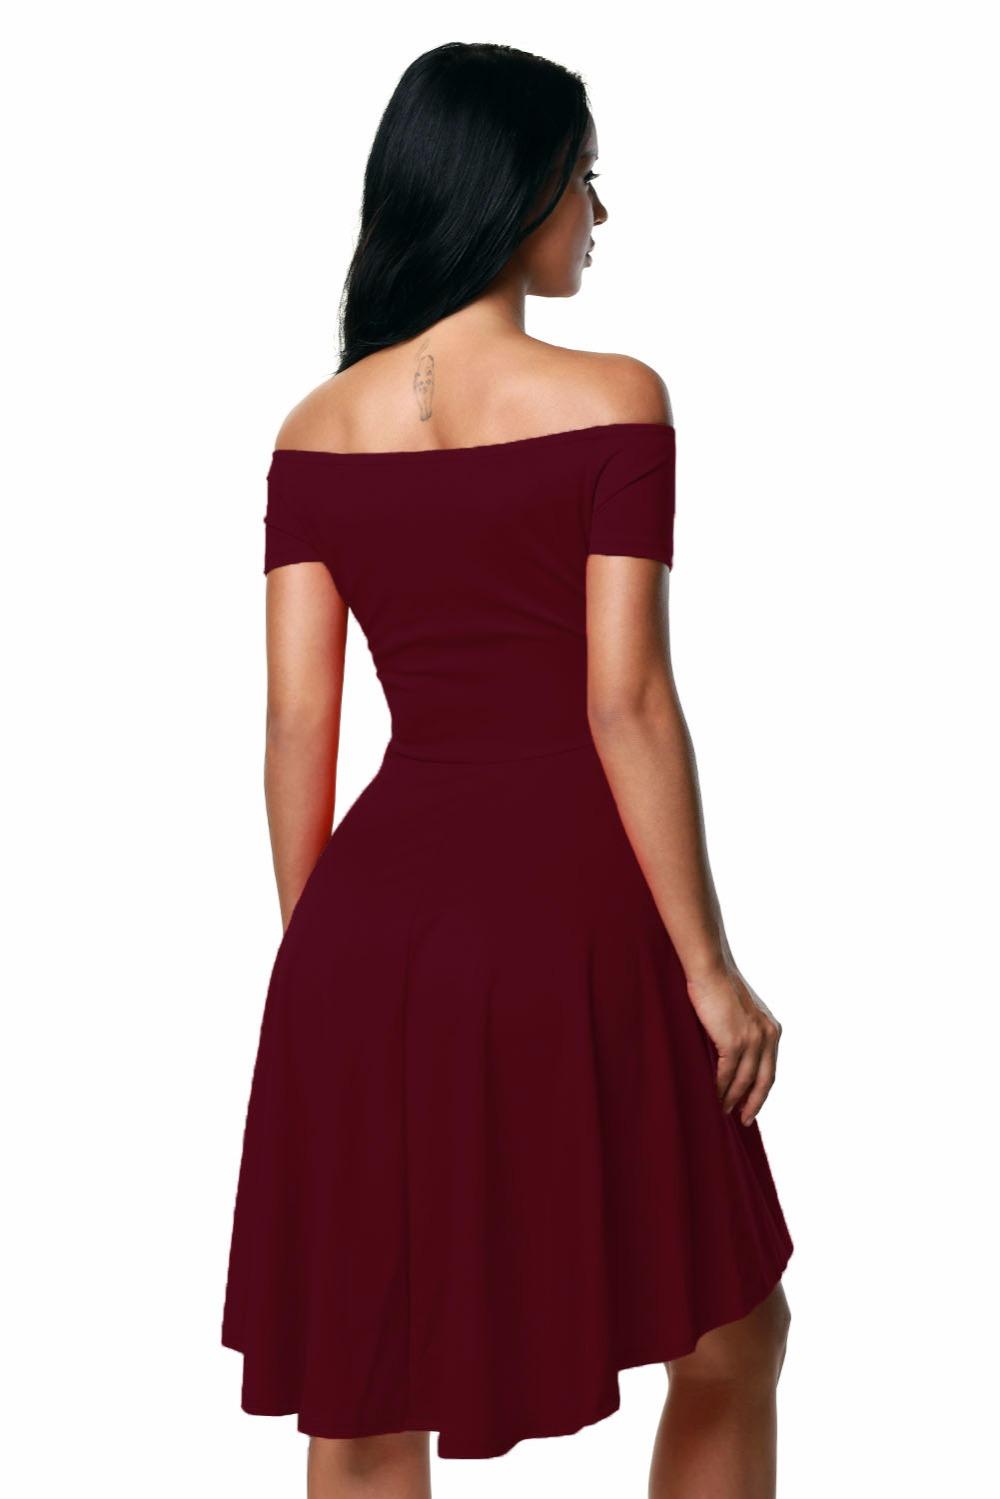 06a5f8521 Tal vez hay una ligera diferencia en los detalles y el patrón de este  vestido.